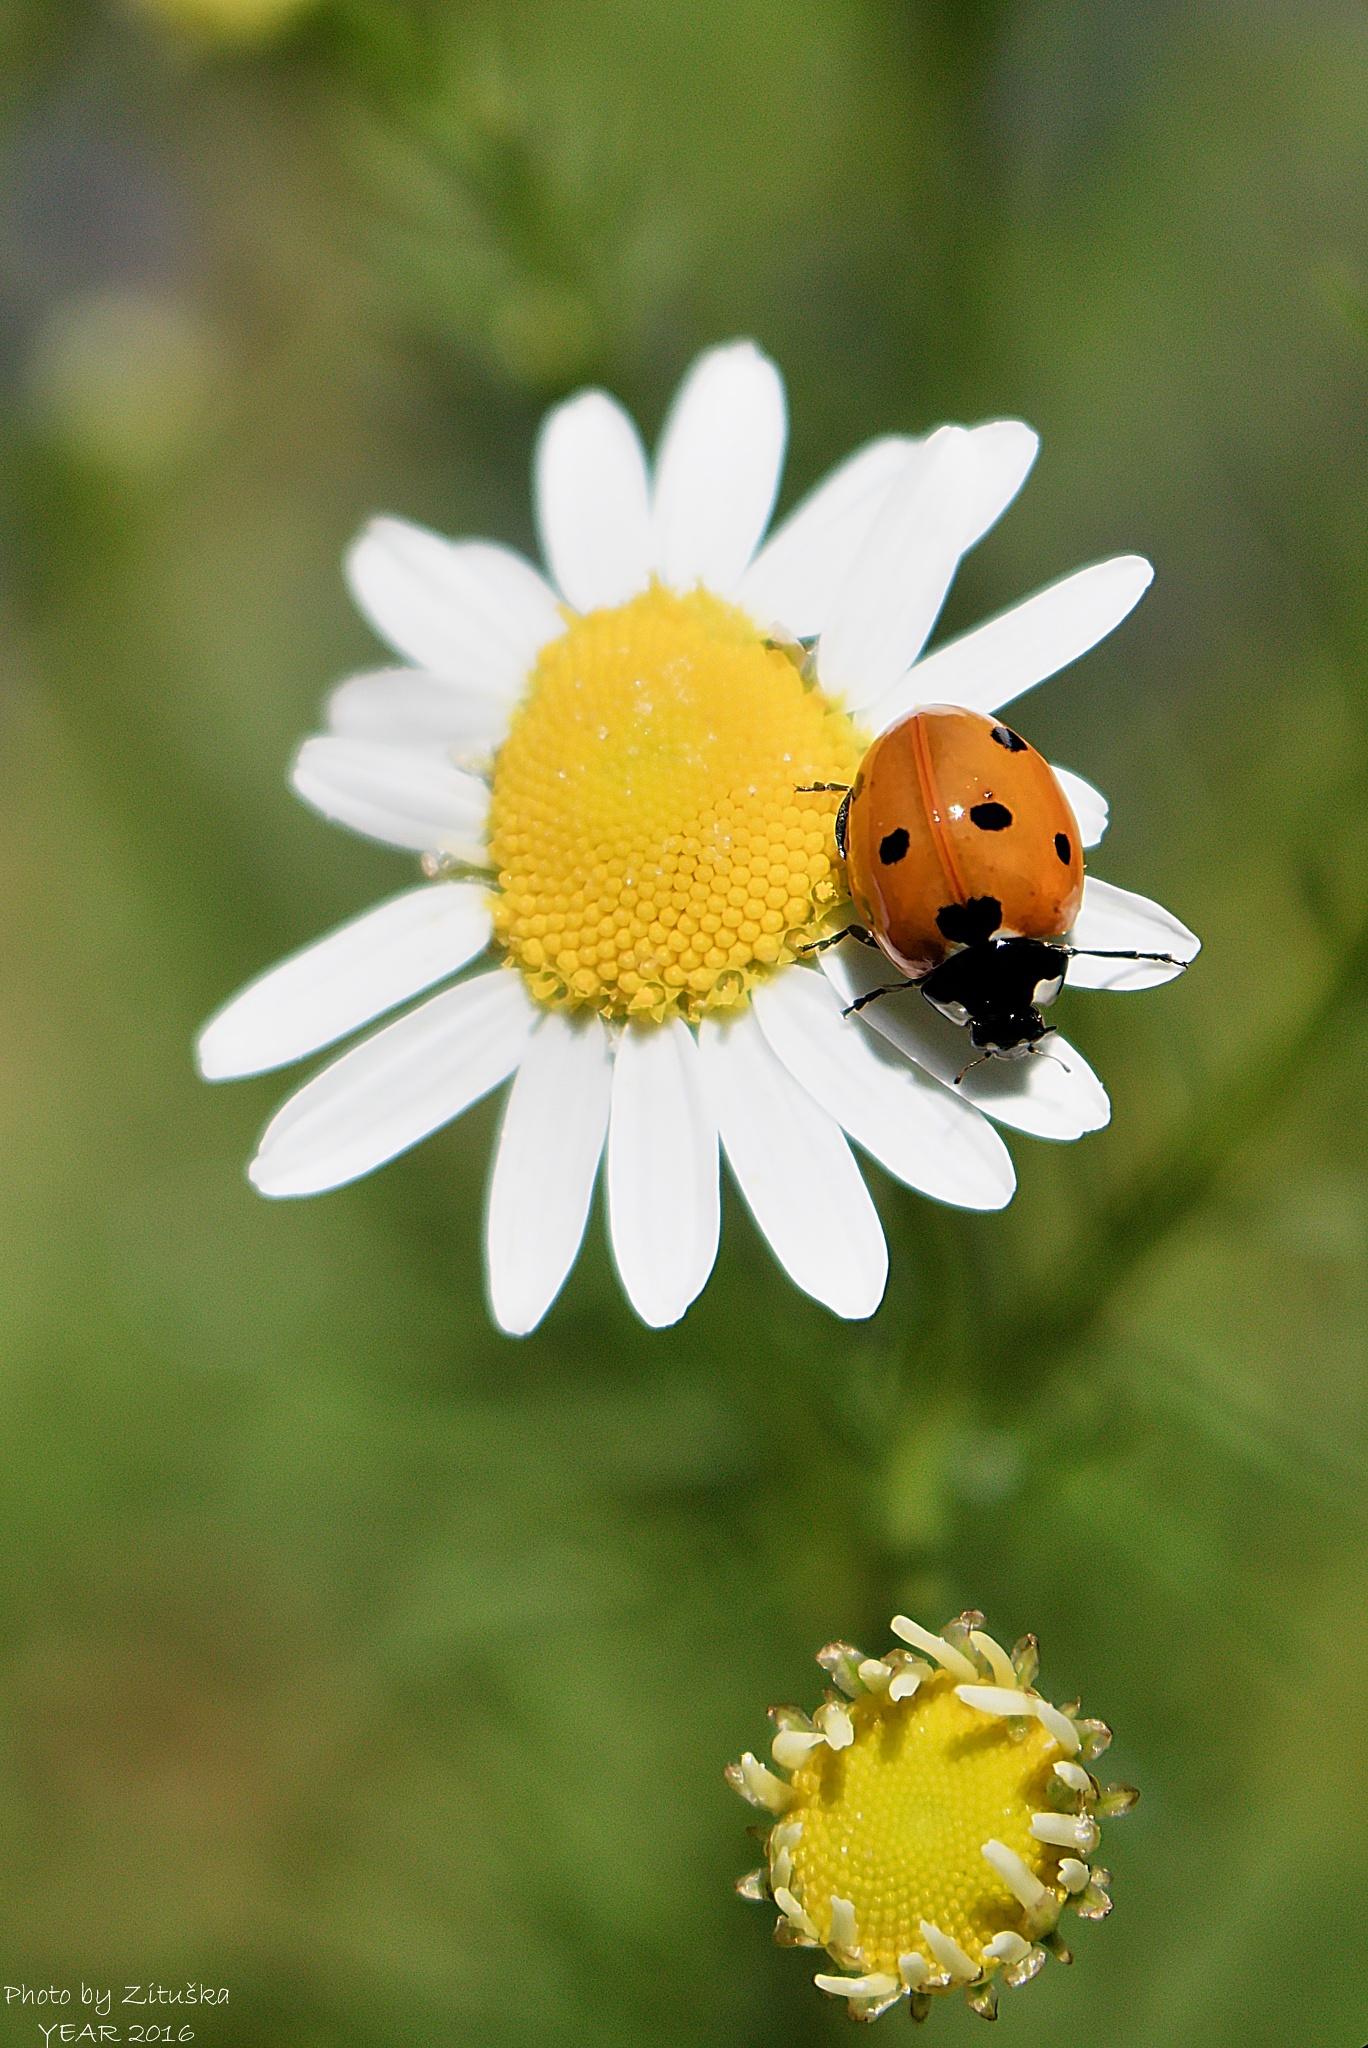 ladybug  by Zituska